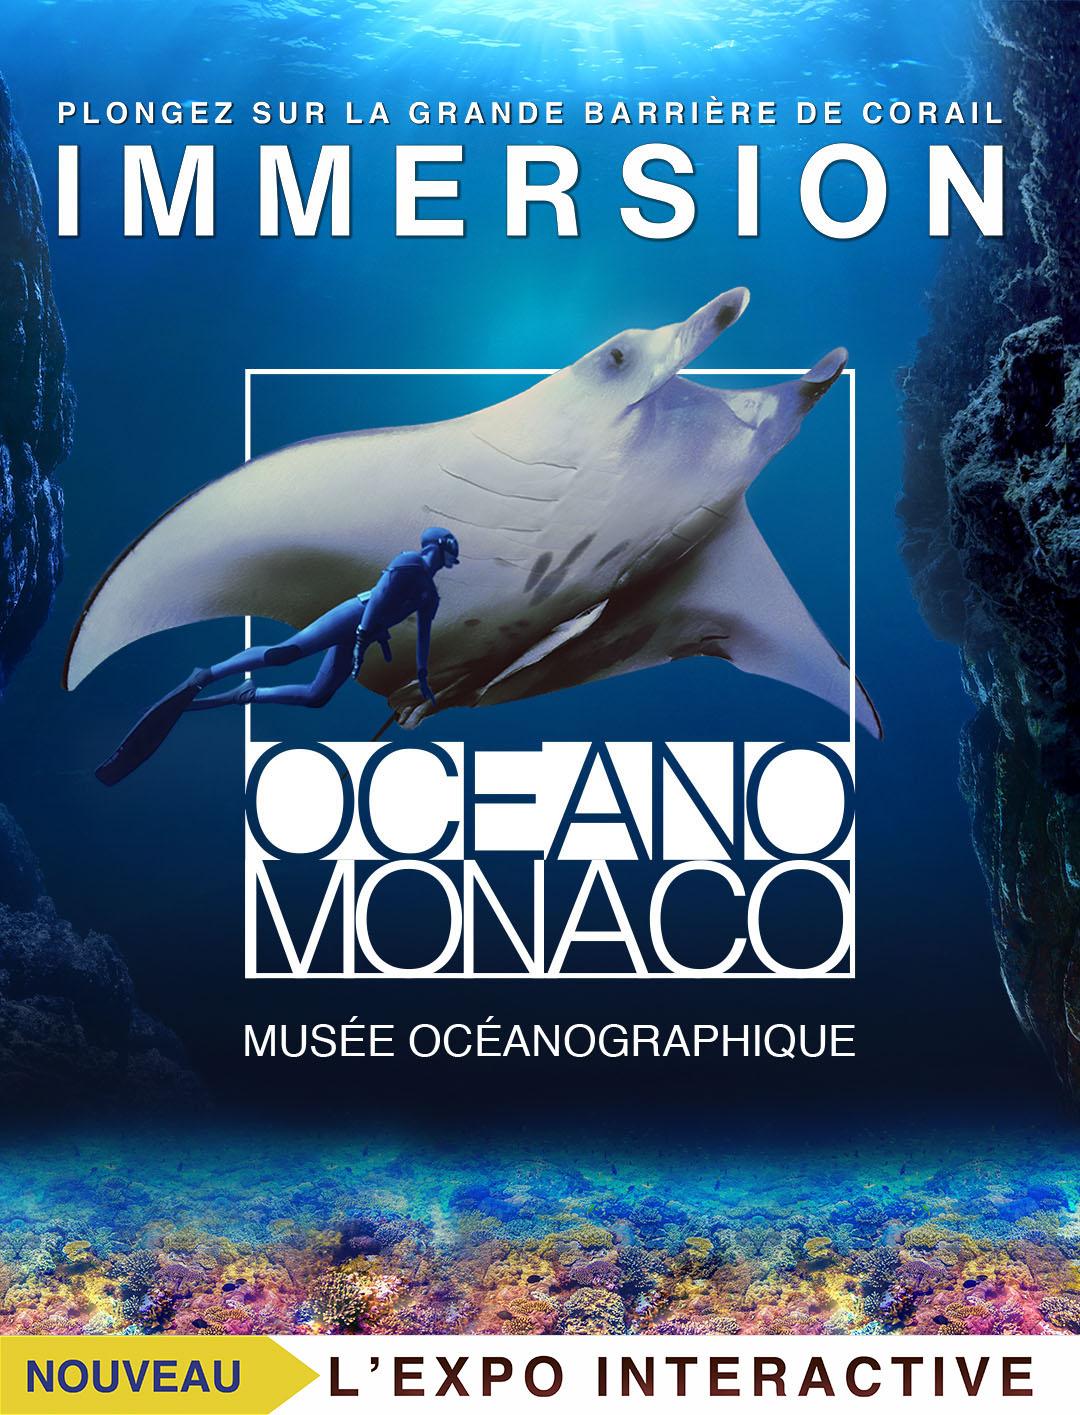 Affiche de l'exposition Immersion - Musée océanographique de Monaco